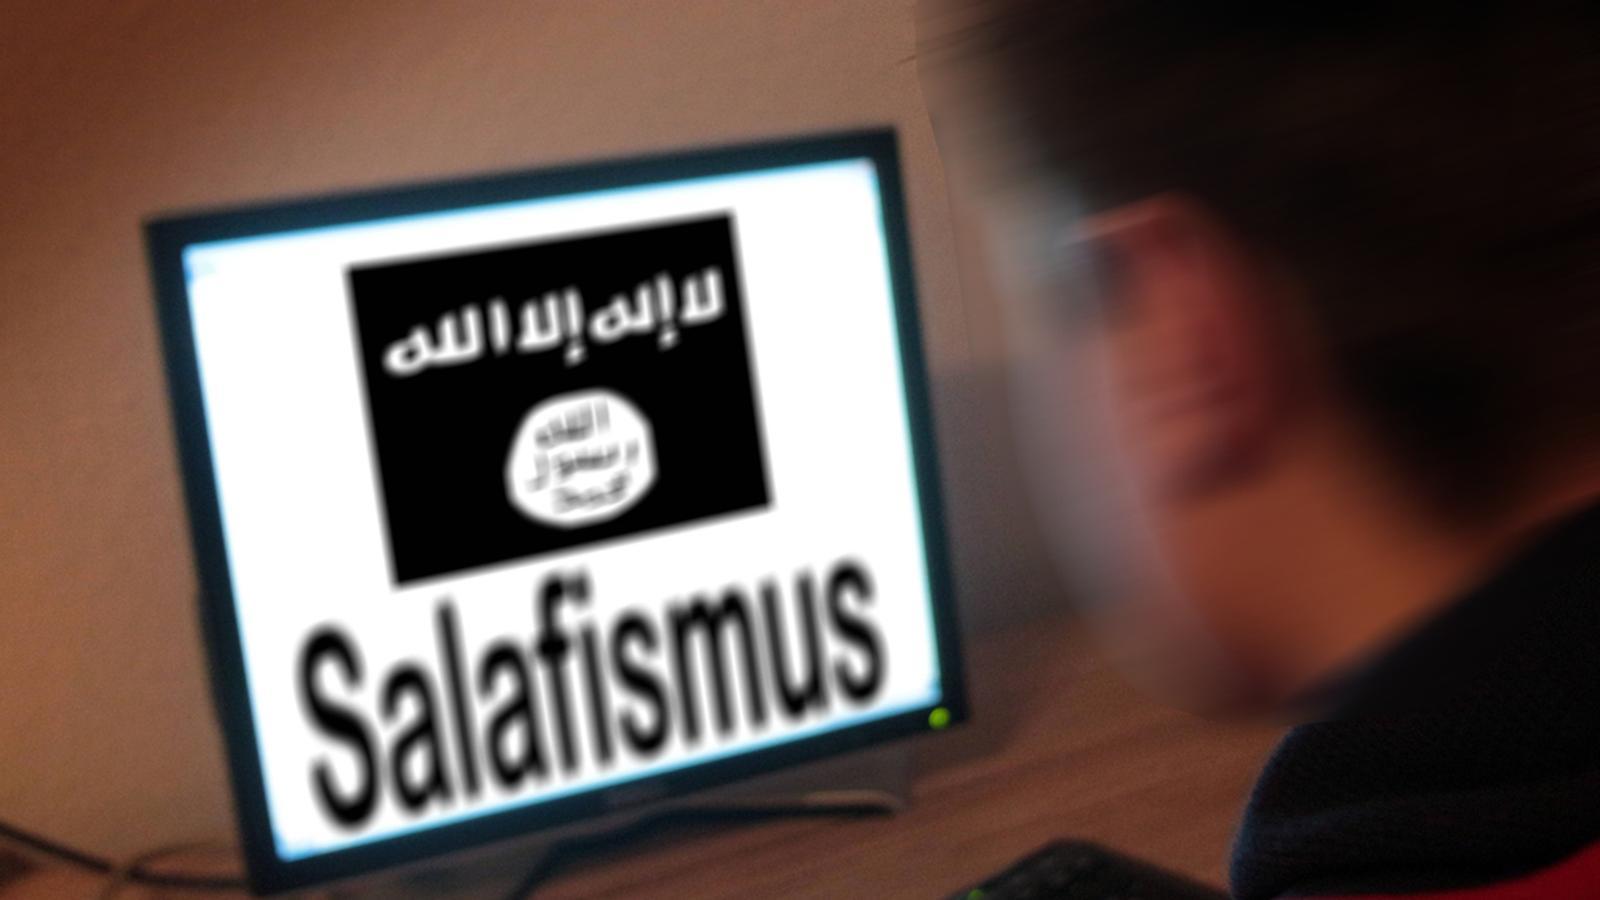 Online-Propaganda Salafismus